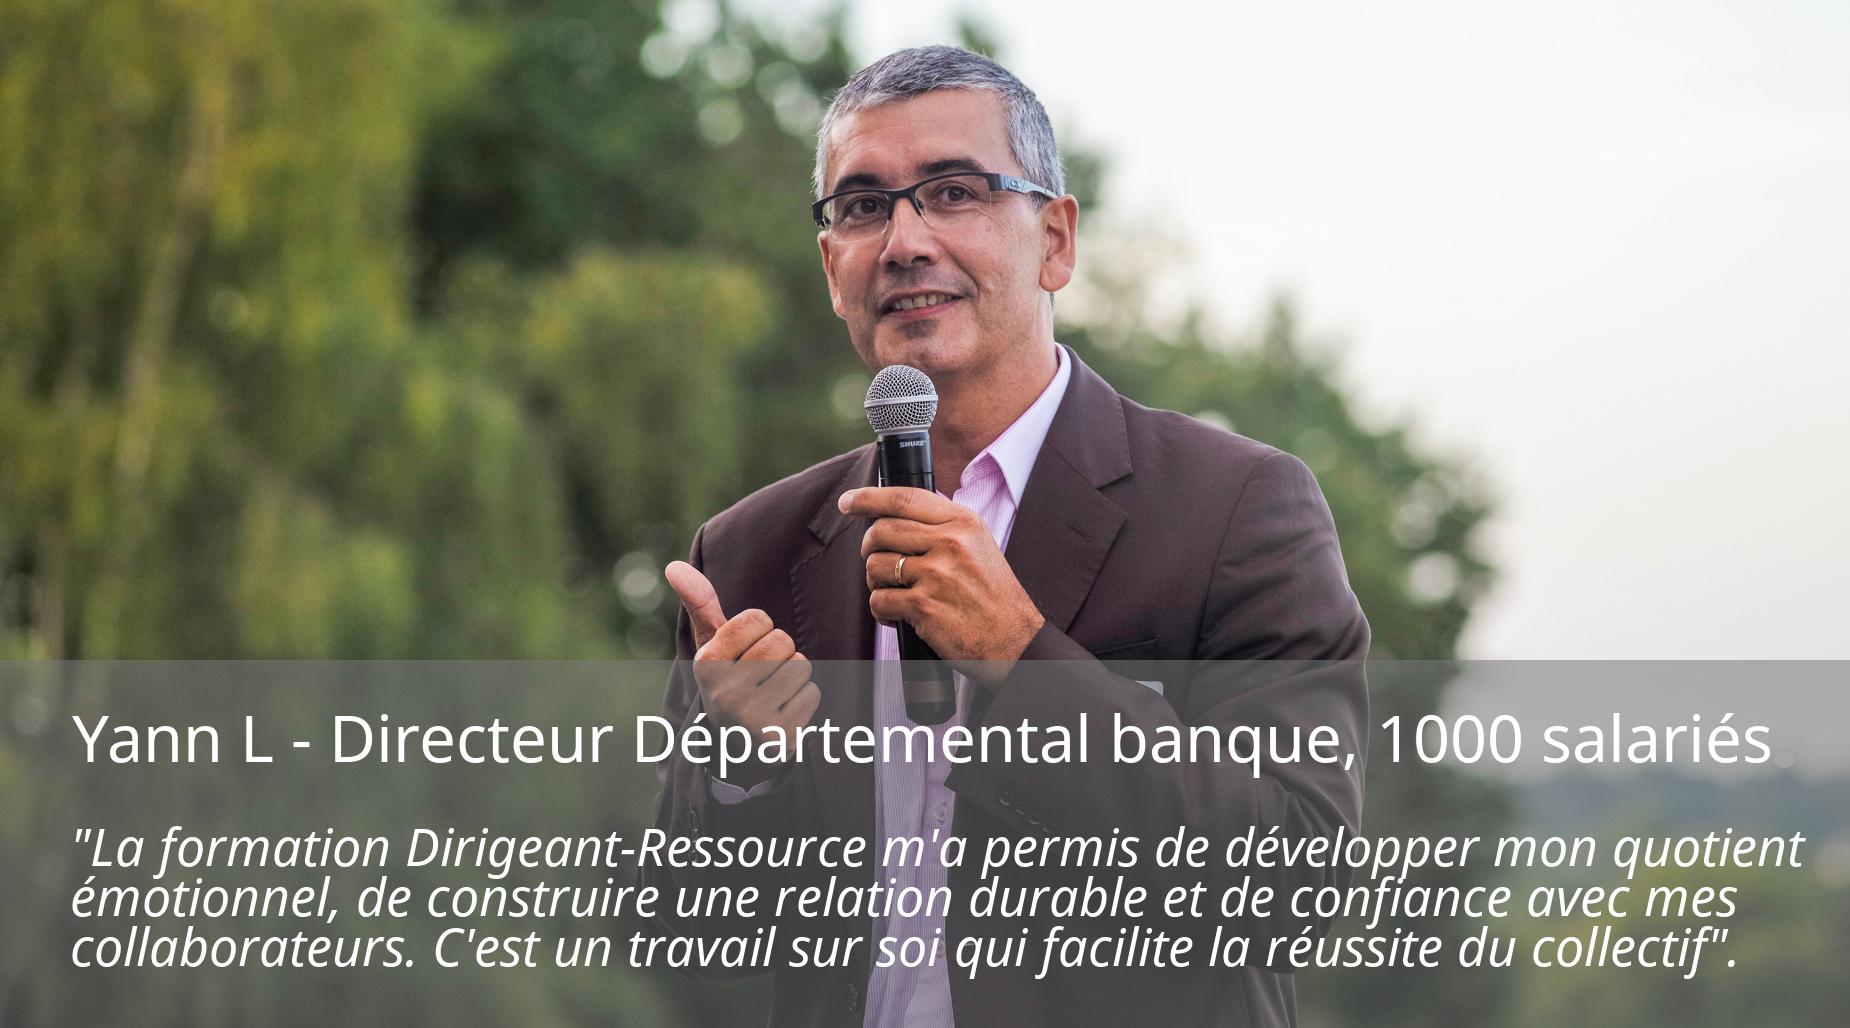 Yann L directeur départemental banque